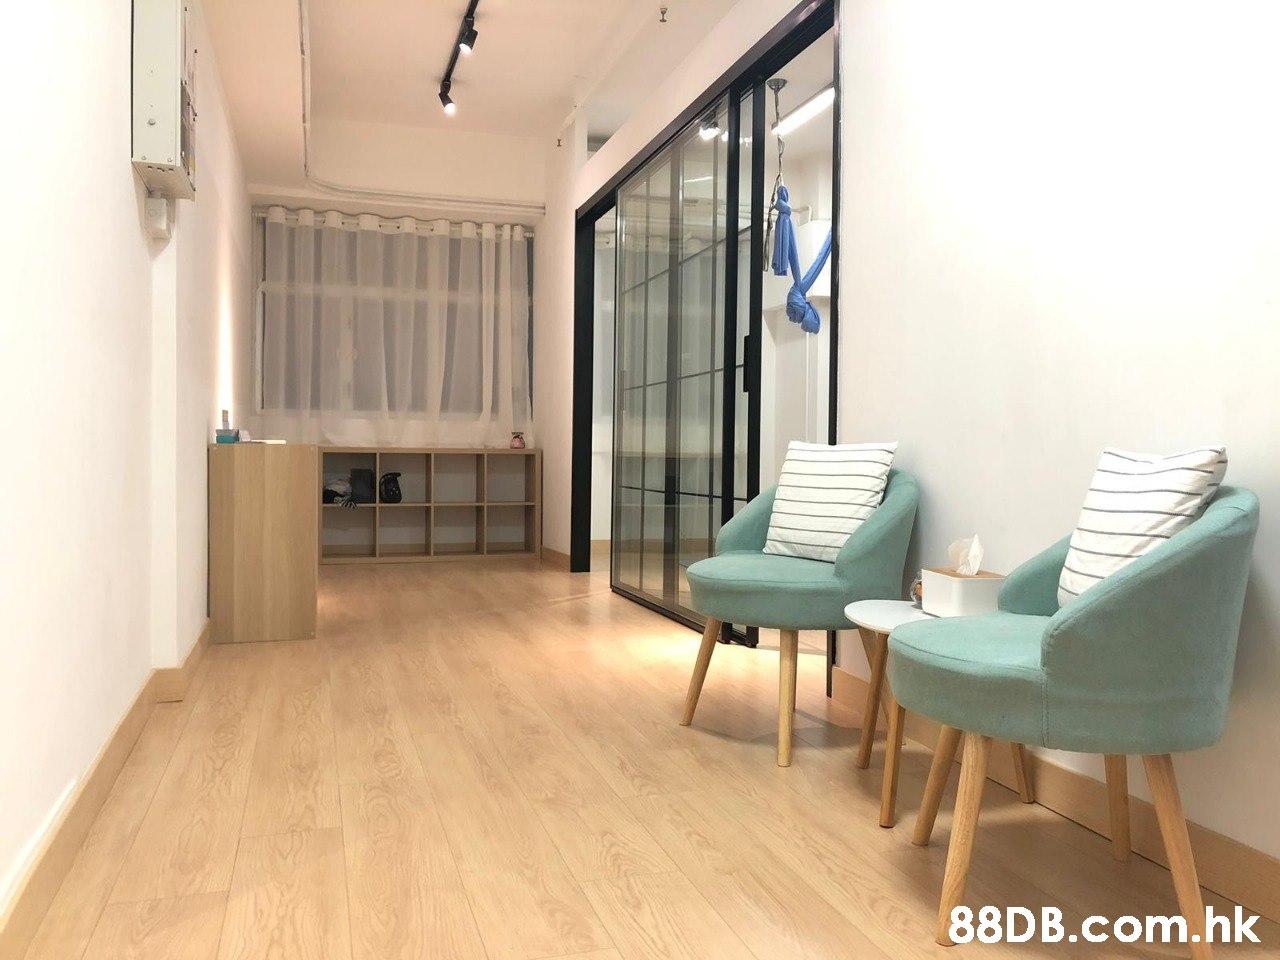 .hk  Room,Property,Floor,Wood flooring,Laminate flooring